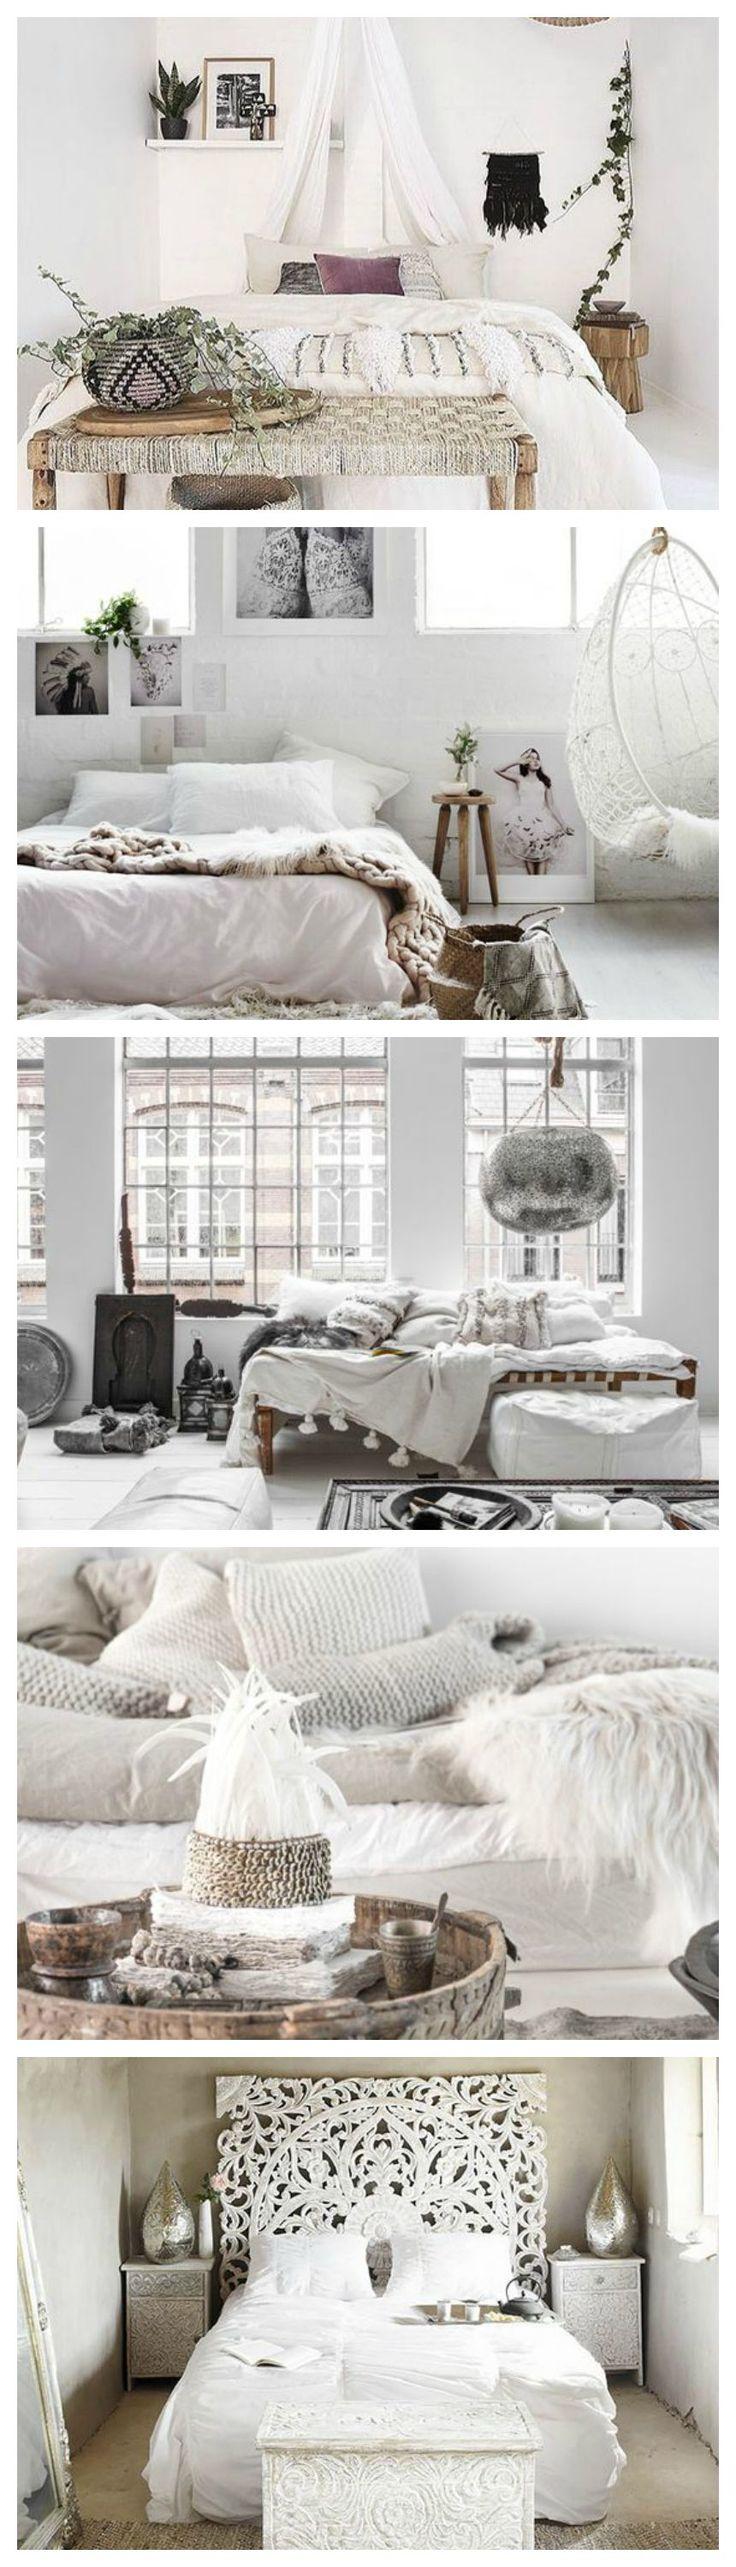 Best 25 Bohemian bedroom decor ideas on Pinterest  Hippy